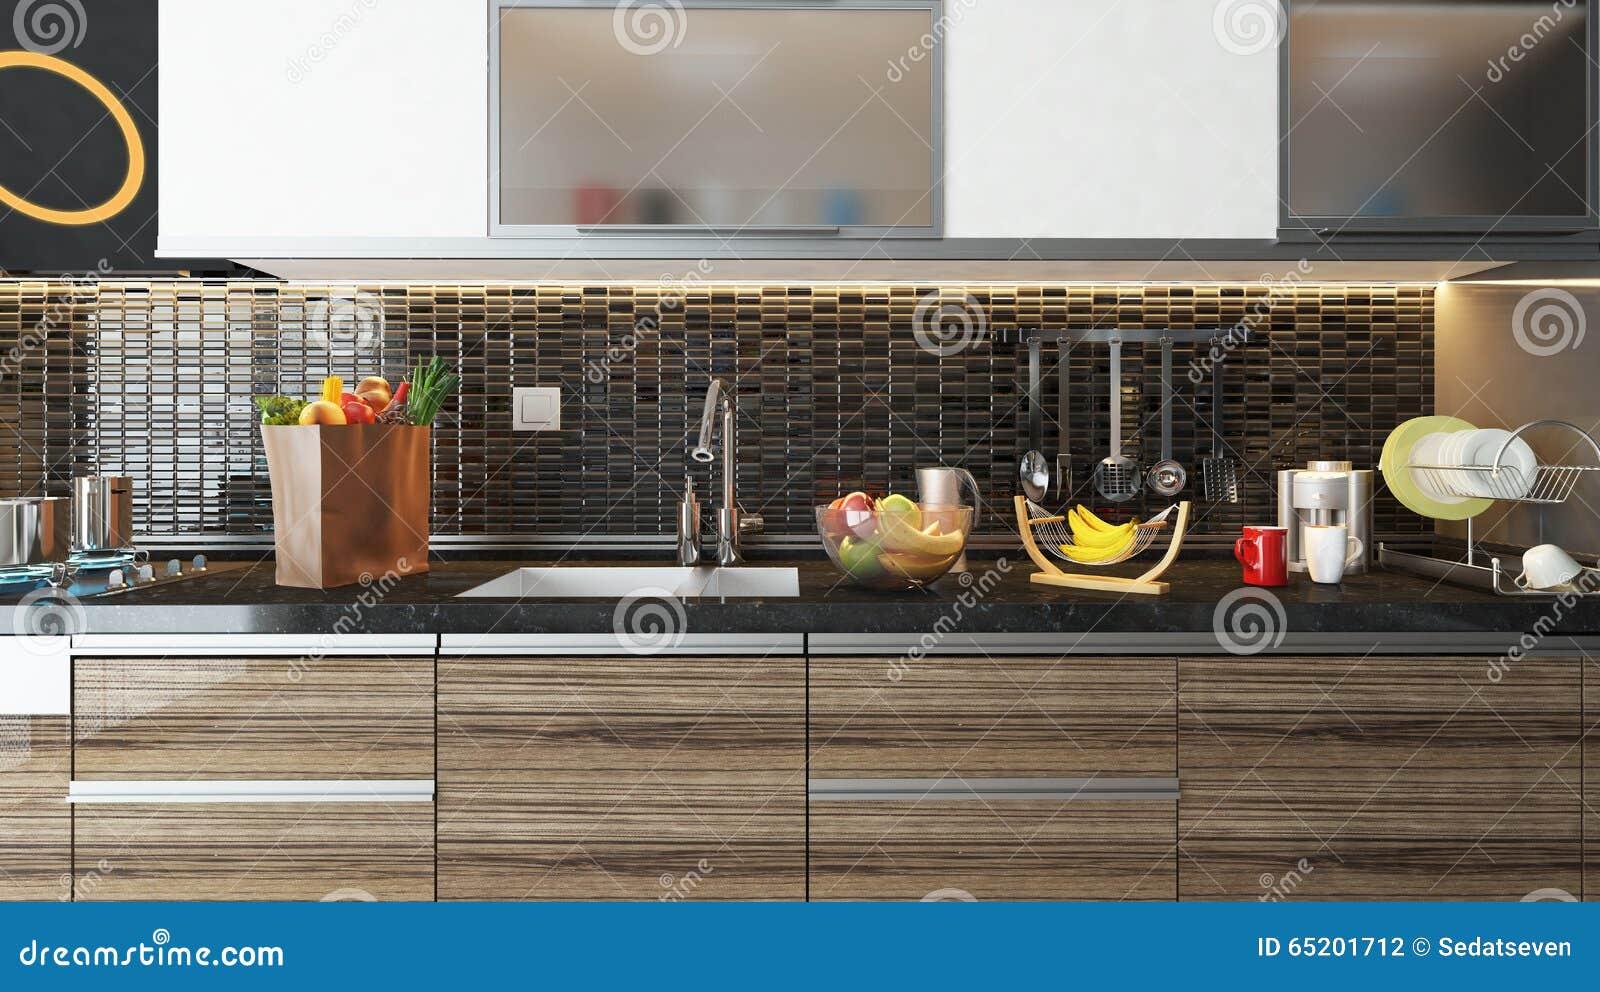 Design De Interiores Moderno Da Cozinha Com A Parede Cer Mica Preta